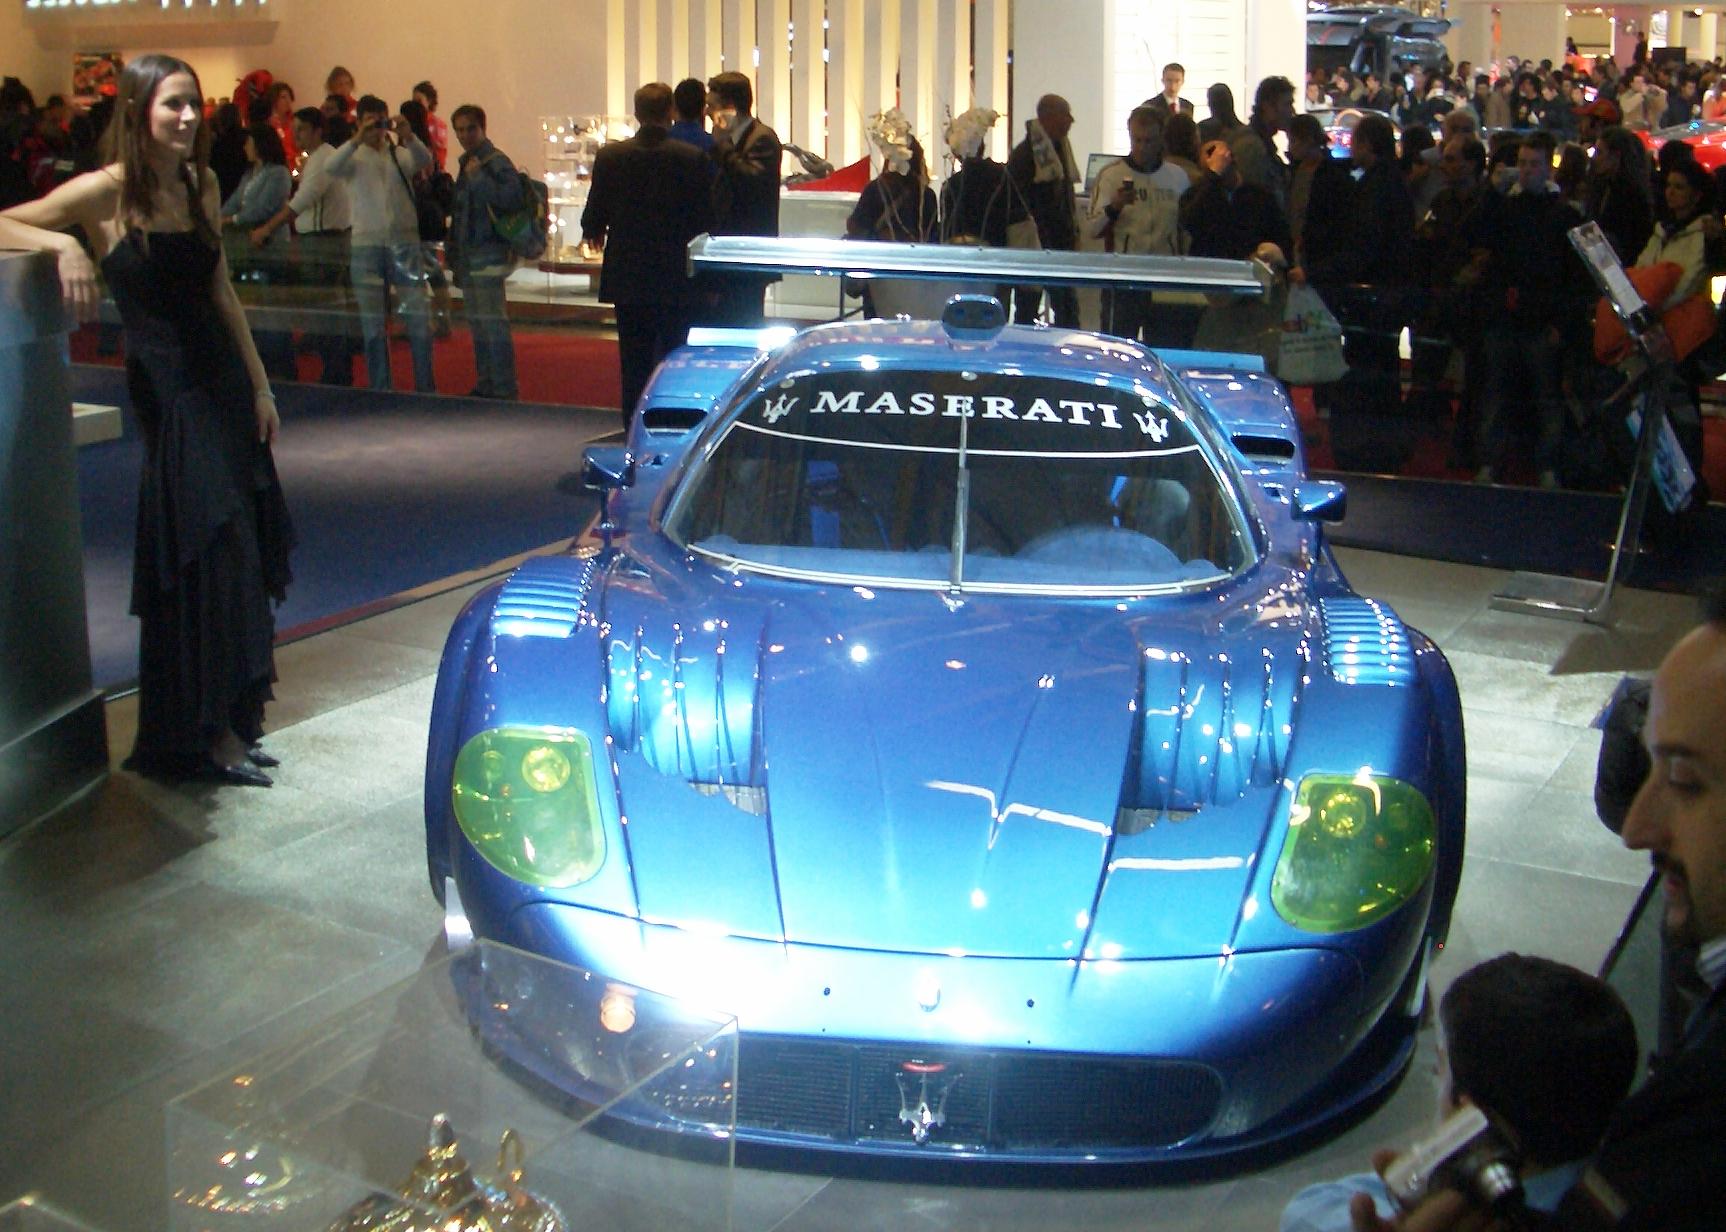 https://upload.wikimedia.org/wikipedia/commons/7/7c/Maserati_MC12_Corsa_cropped.PNG